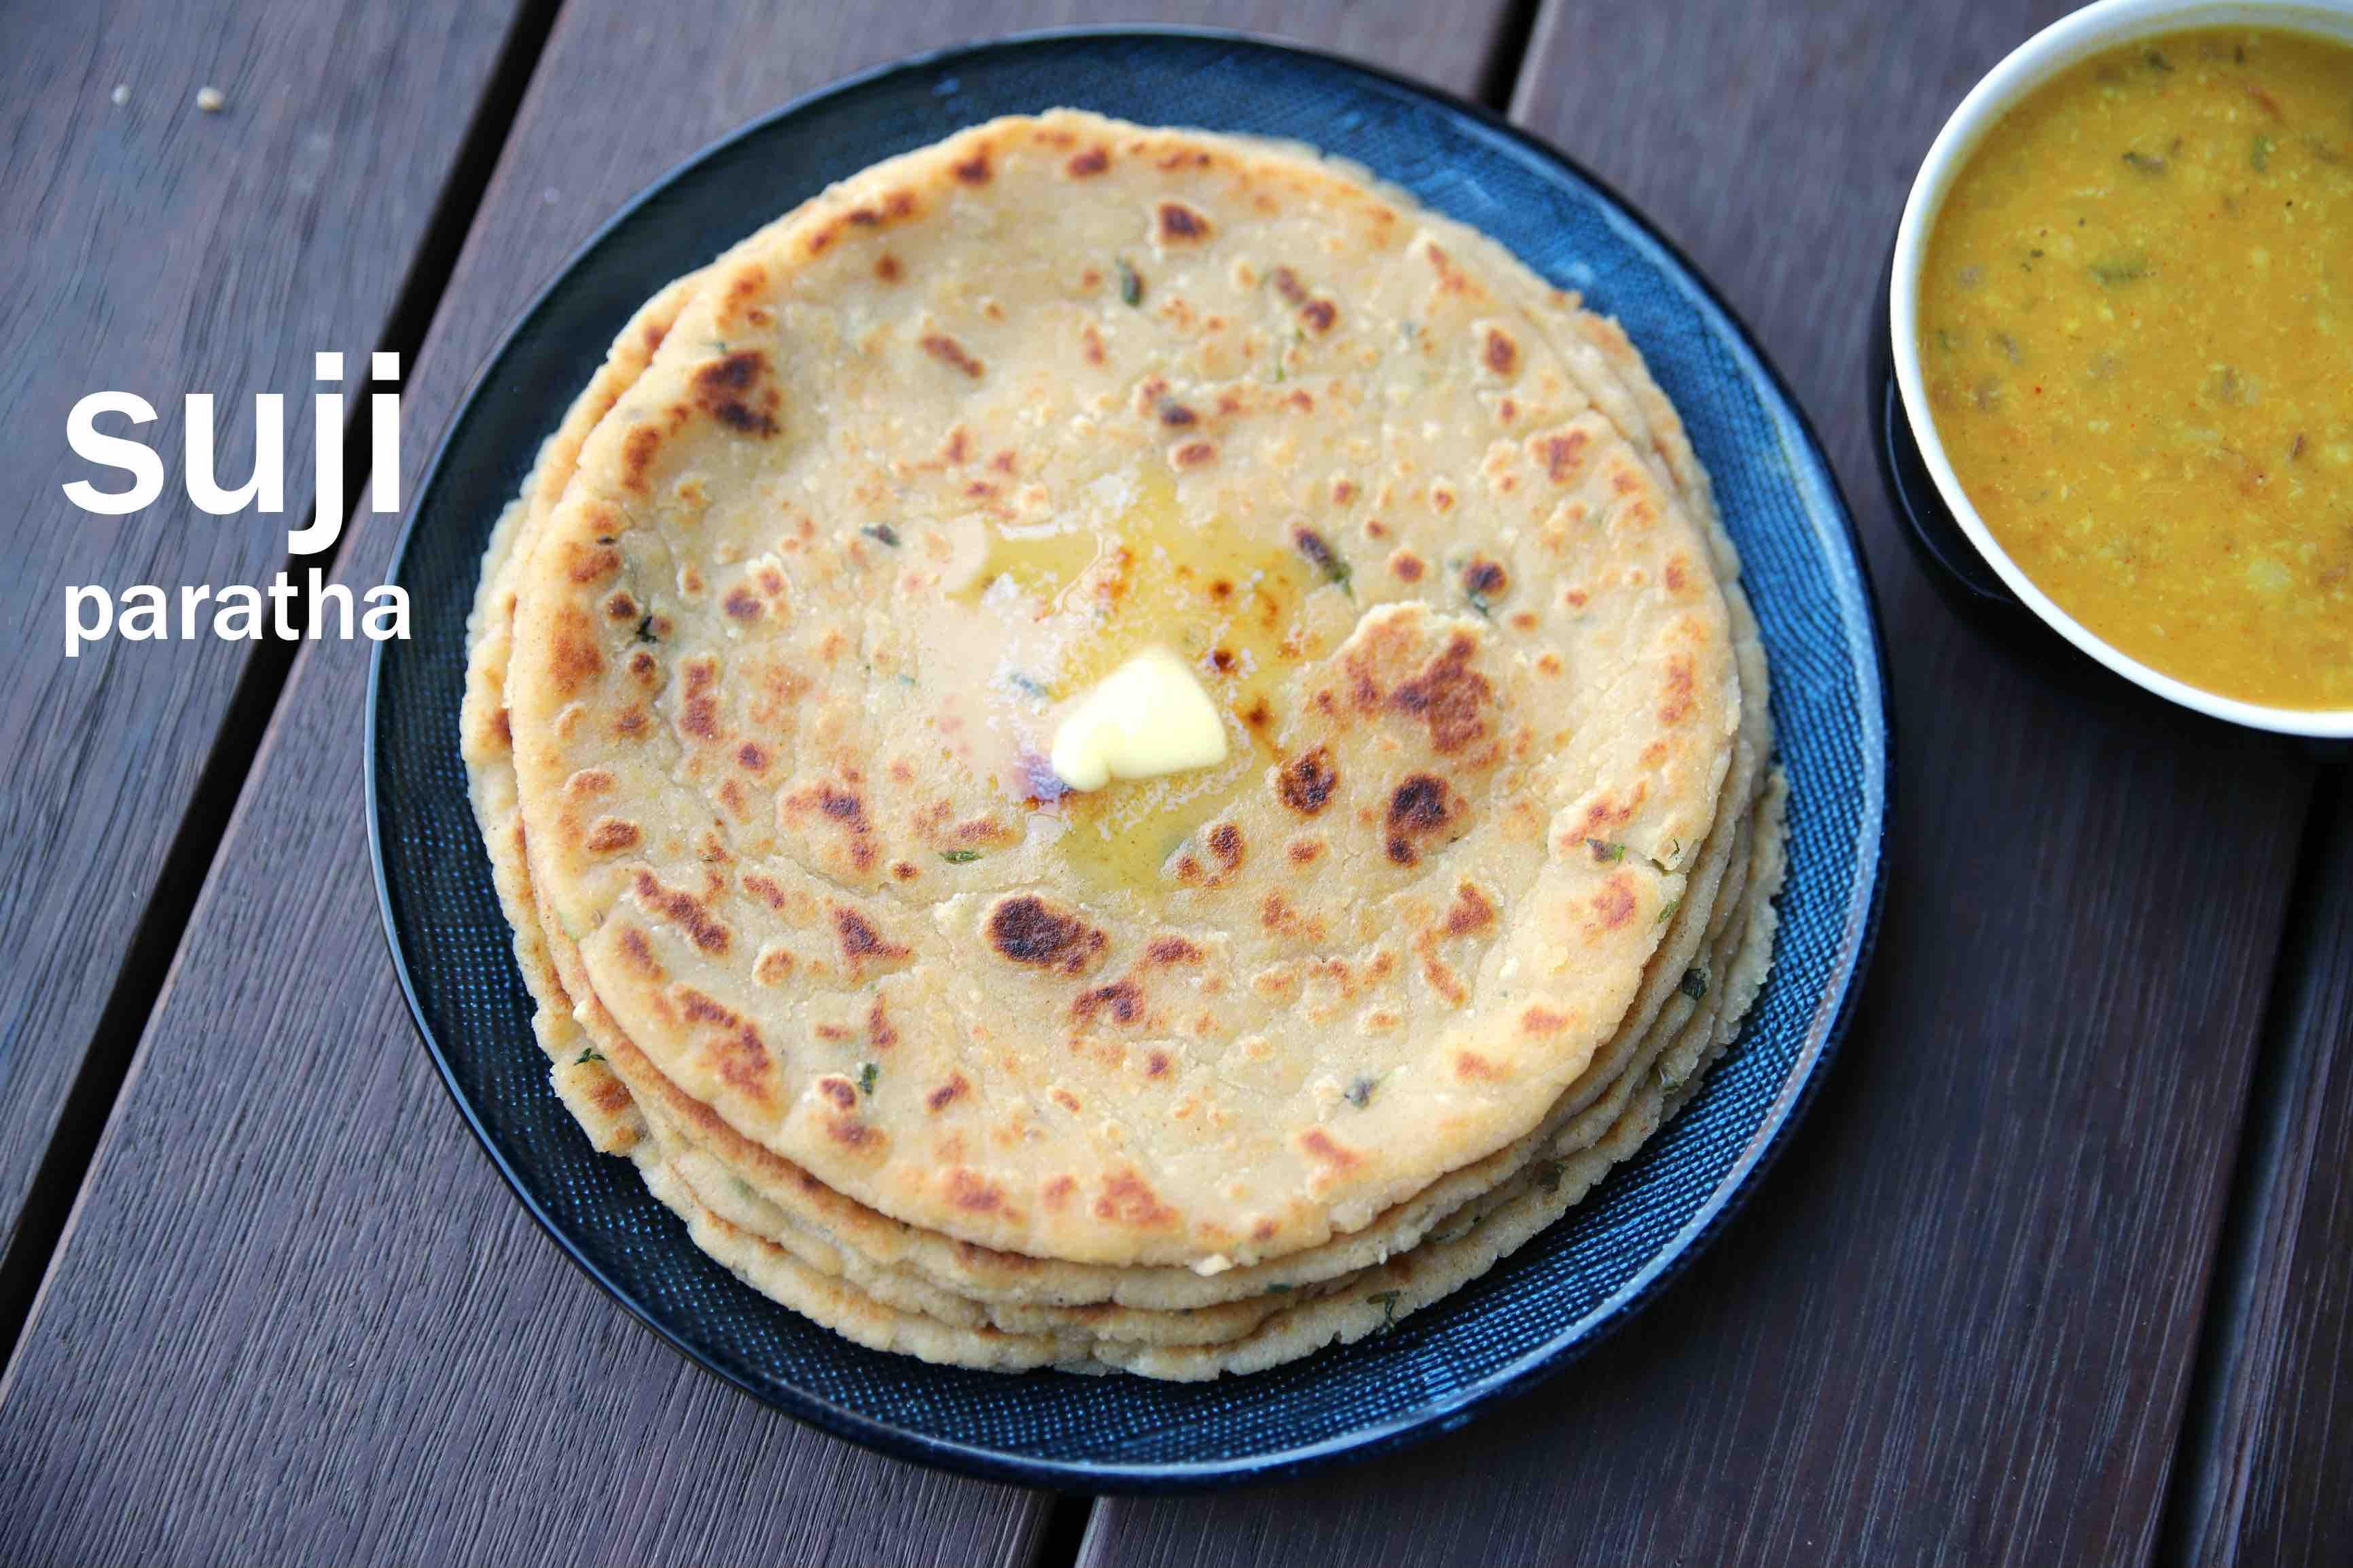 suji ka paratha recipe | sooji paratha | rava paratha